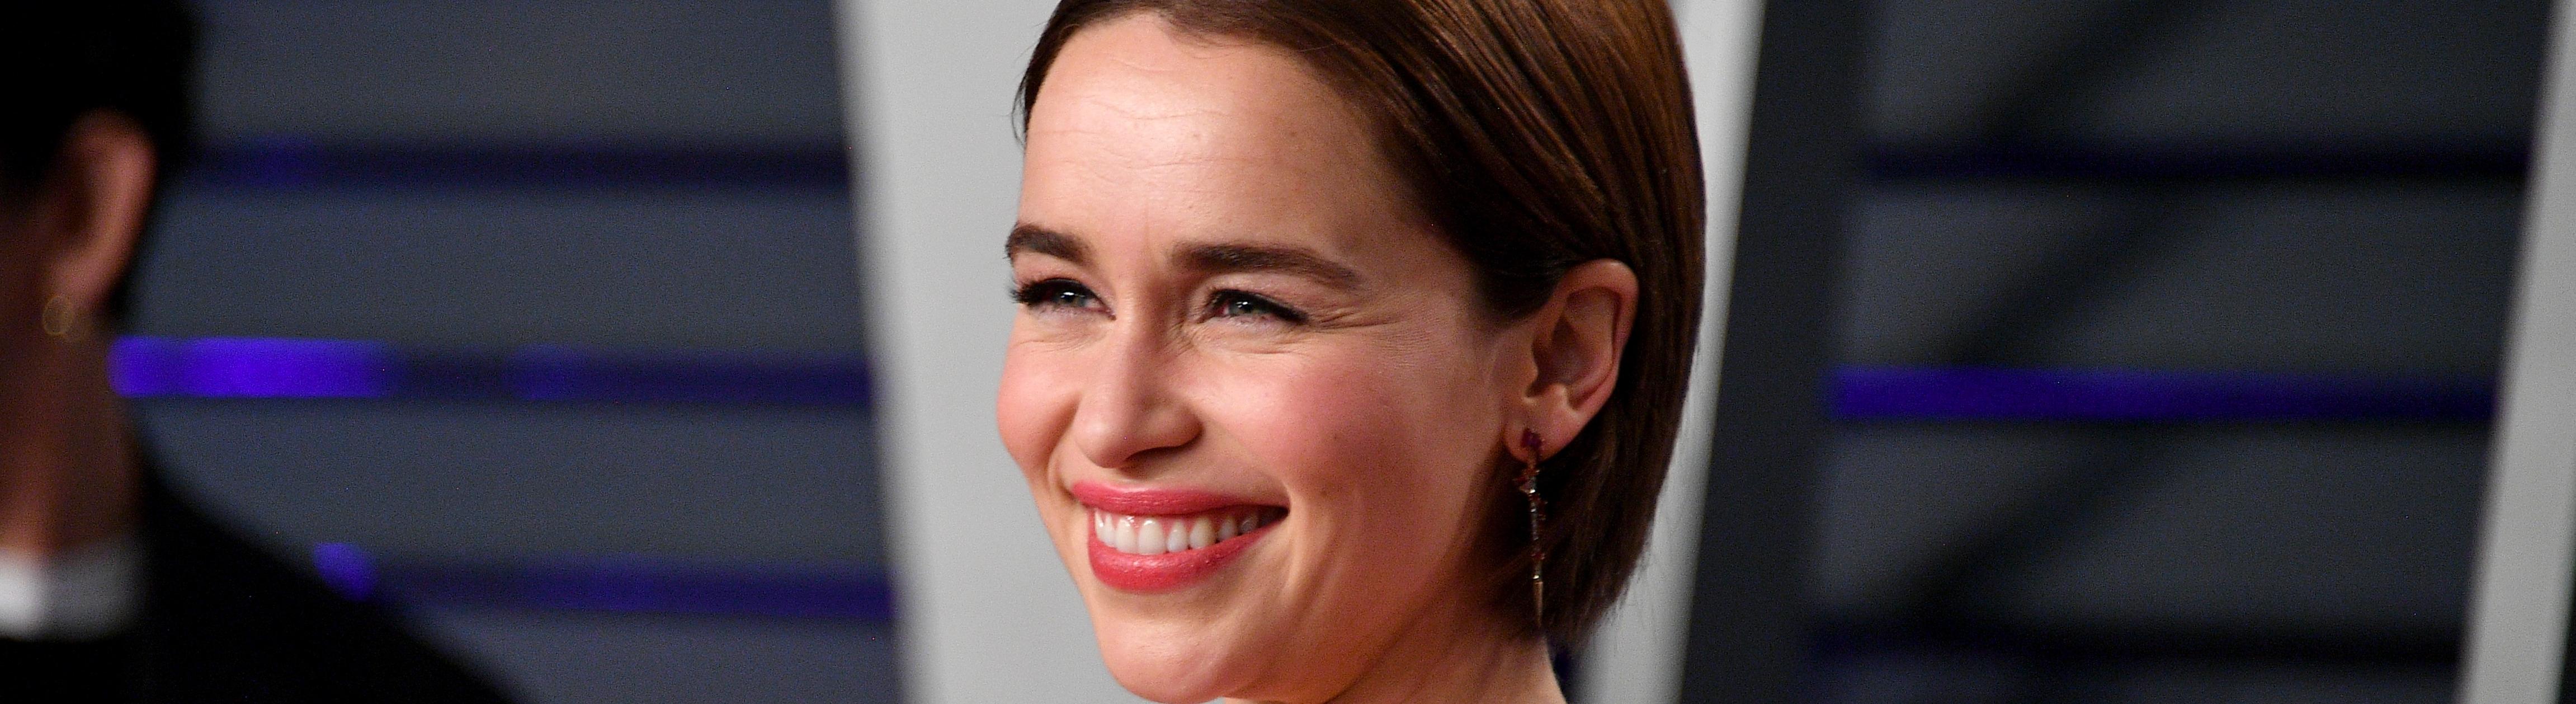 Emmy Awards 2019, chi vincerà? Ecco lo studio sugli ultimi 50 anni